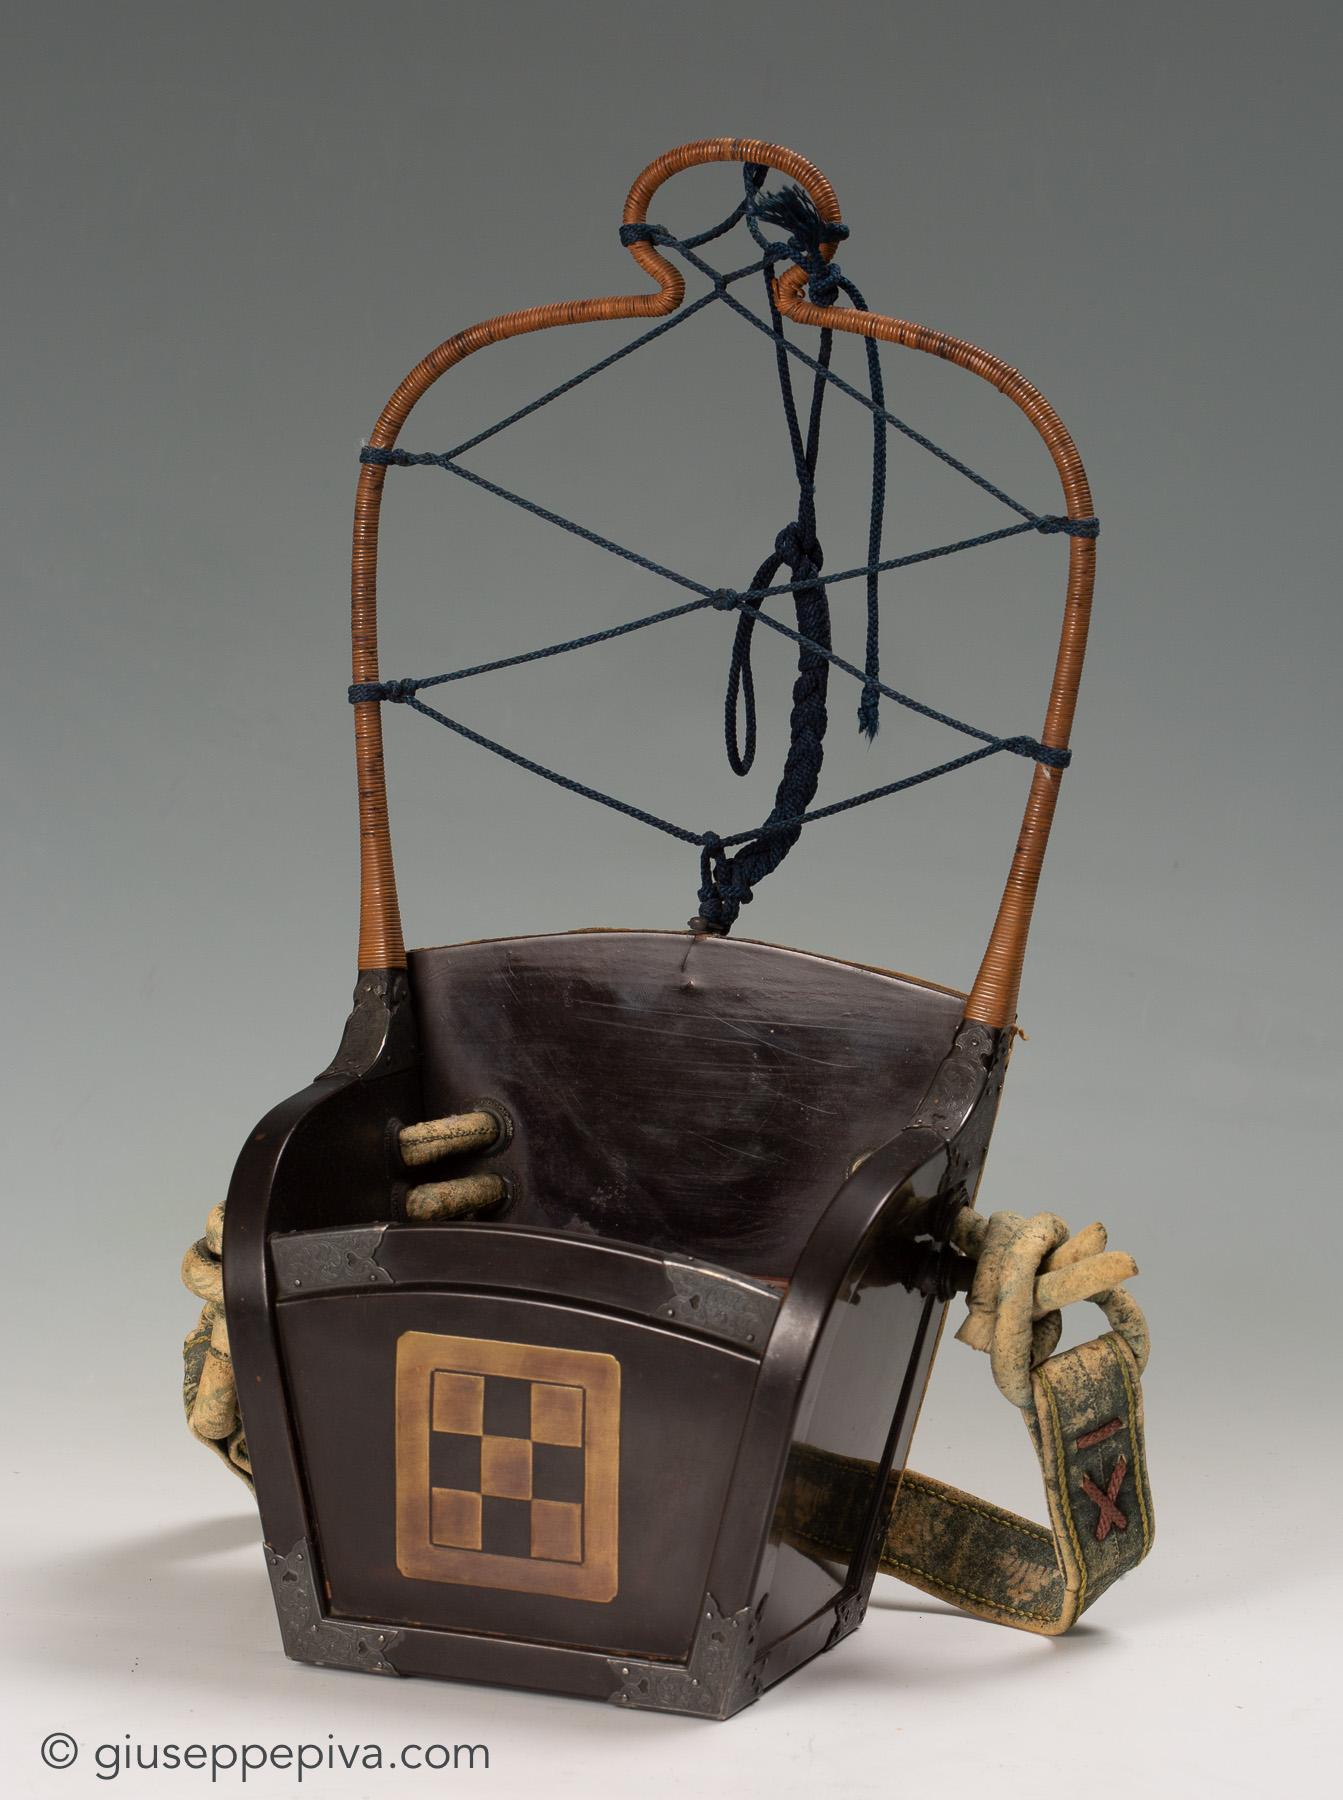 evira Faretra da samurai Metà del periodo Edo, 17º-18º secolo